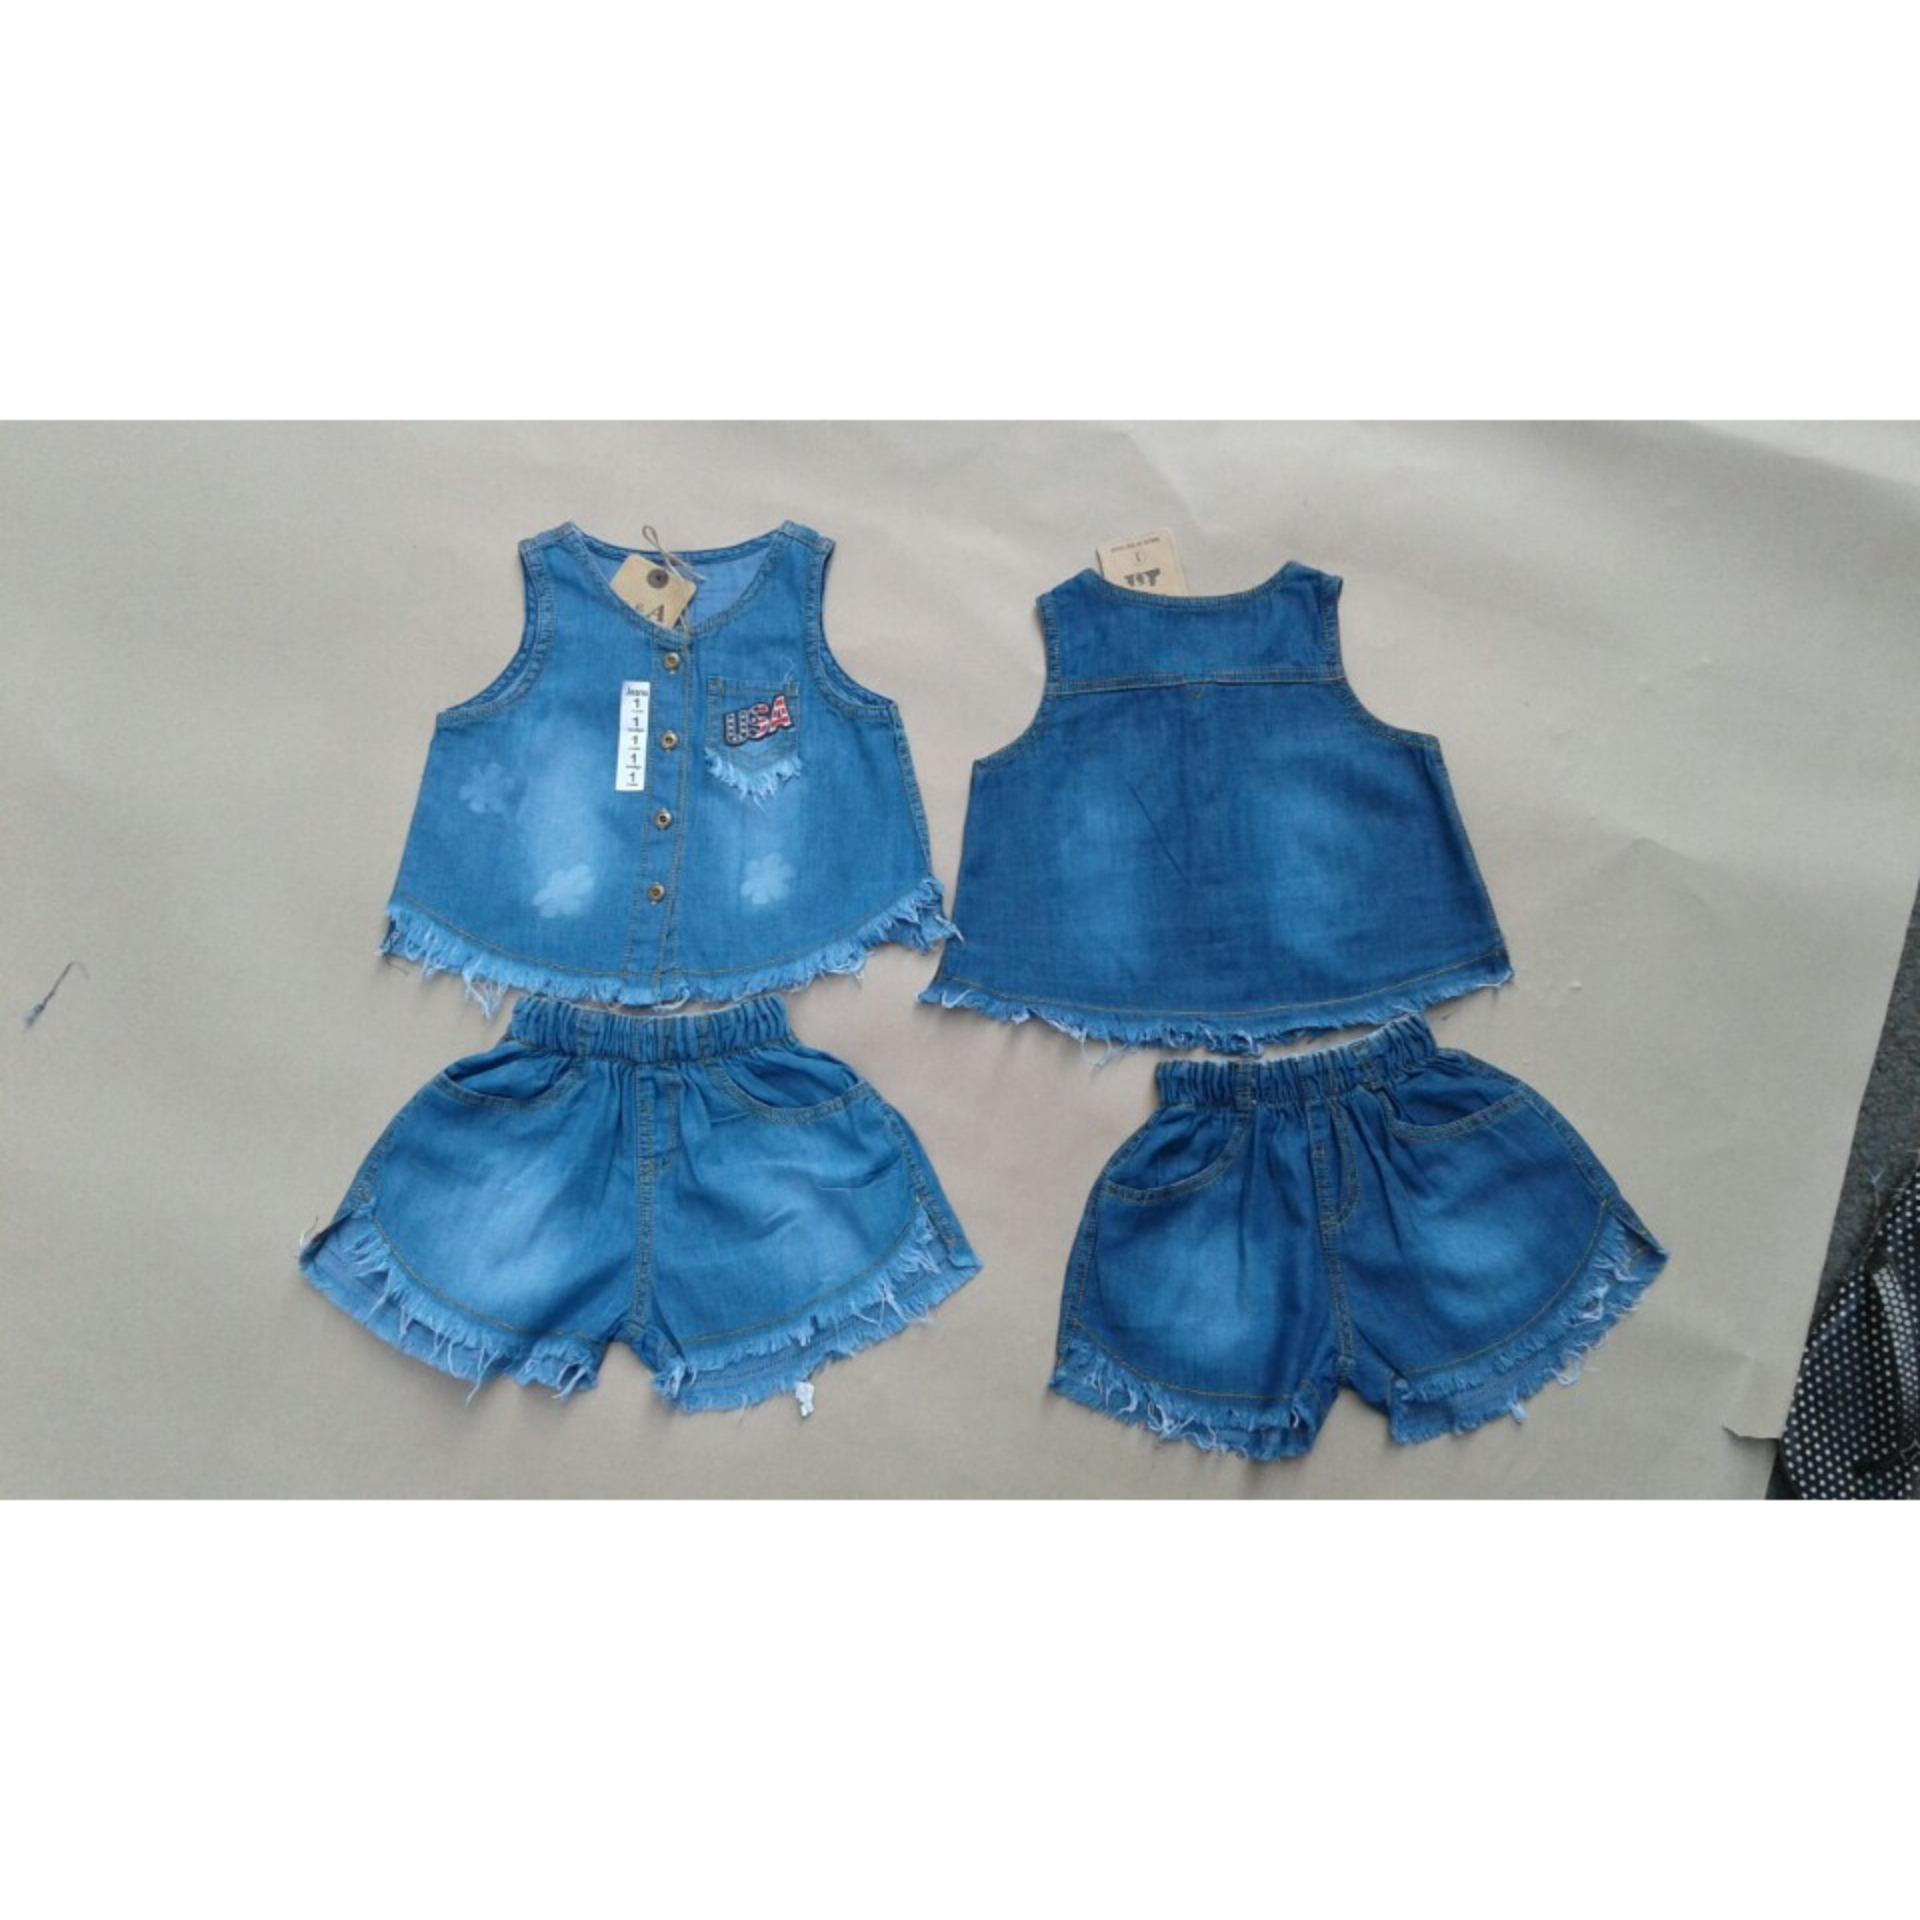 Giá bán Bộ quần áo cho bé gái - Hoạ tiết USA - mã BDA006 (SIZE 1-8)